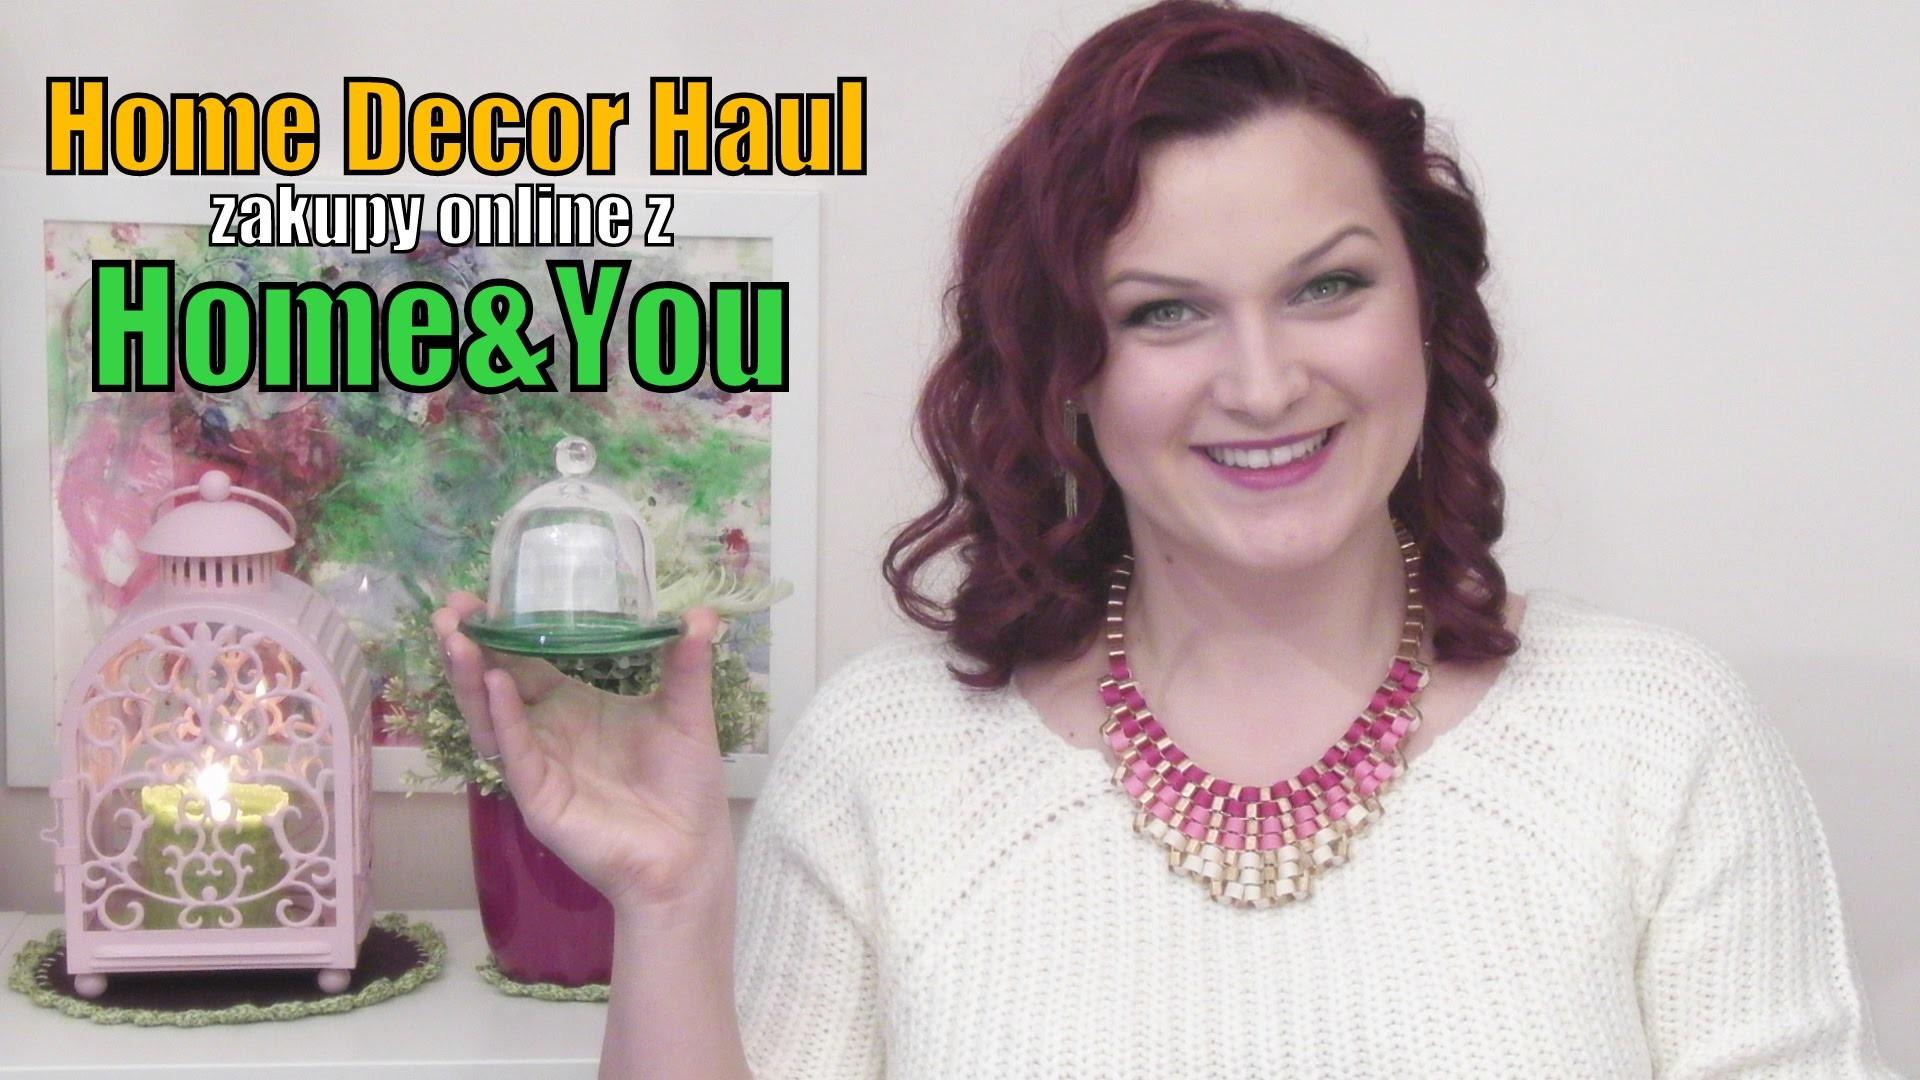 Home Decor Haul - zakupy online w Home&You